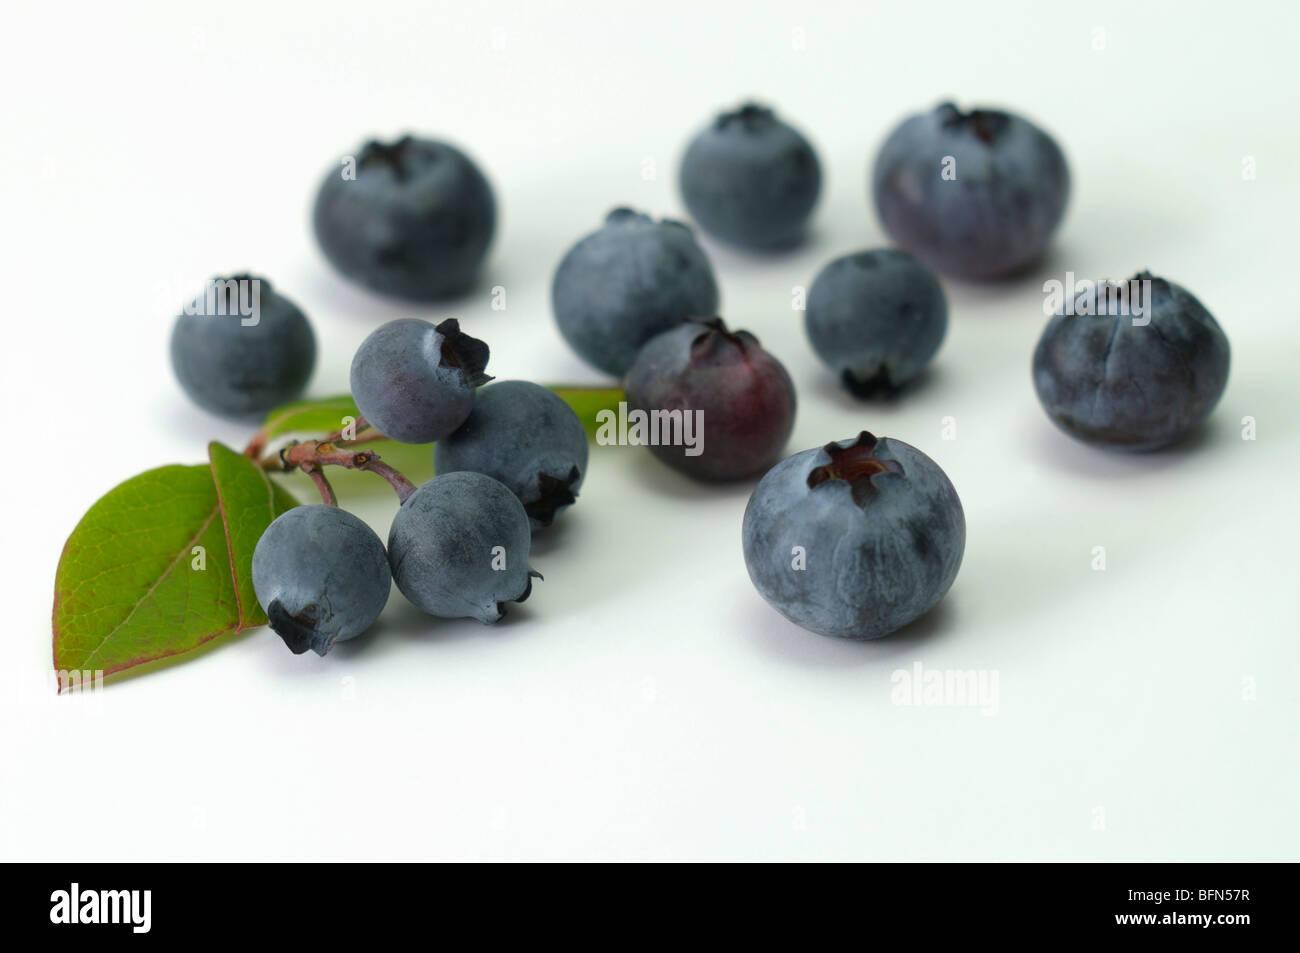 Northern Highbush Blueberry (Vaccinium corymbosum, Vaccinium angustifolium). Berries, studio picture. - Stock Image